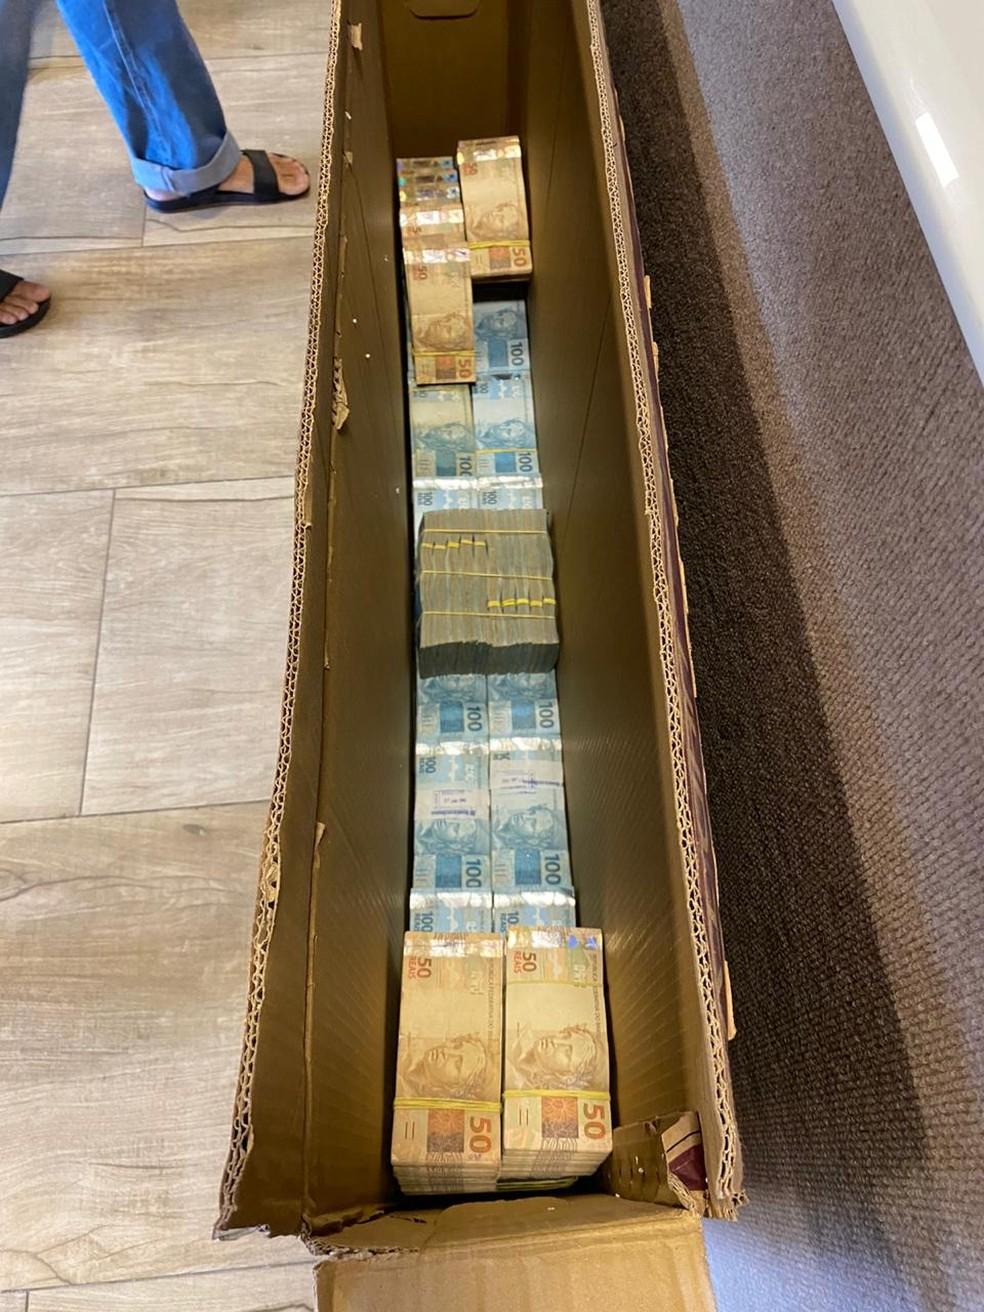 Operação da PF em Fortaleza e mais dois estados apreendeu dinheiro em espécie escondido dentro de caixa de TV. — Foto: Divulgação/PF